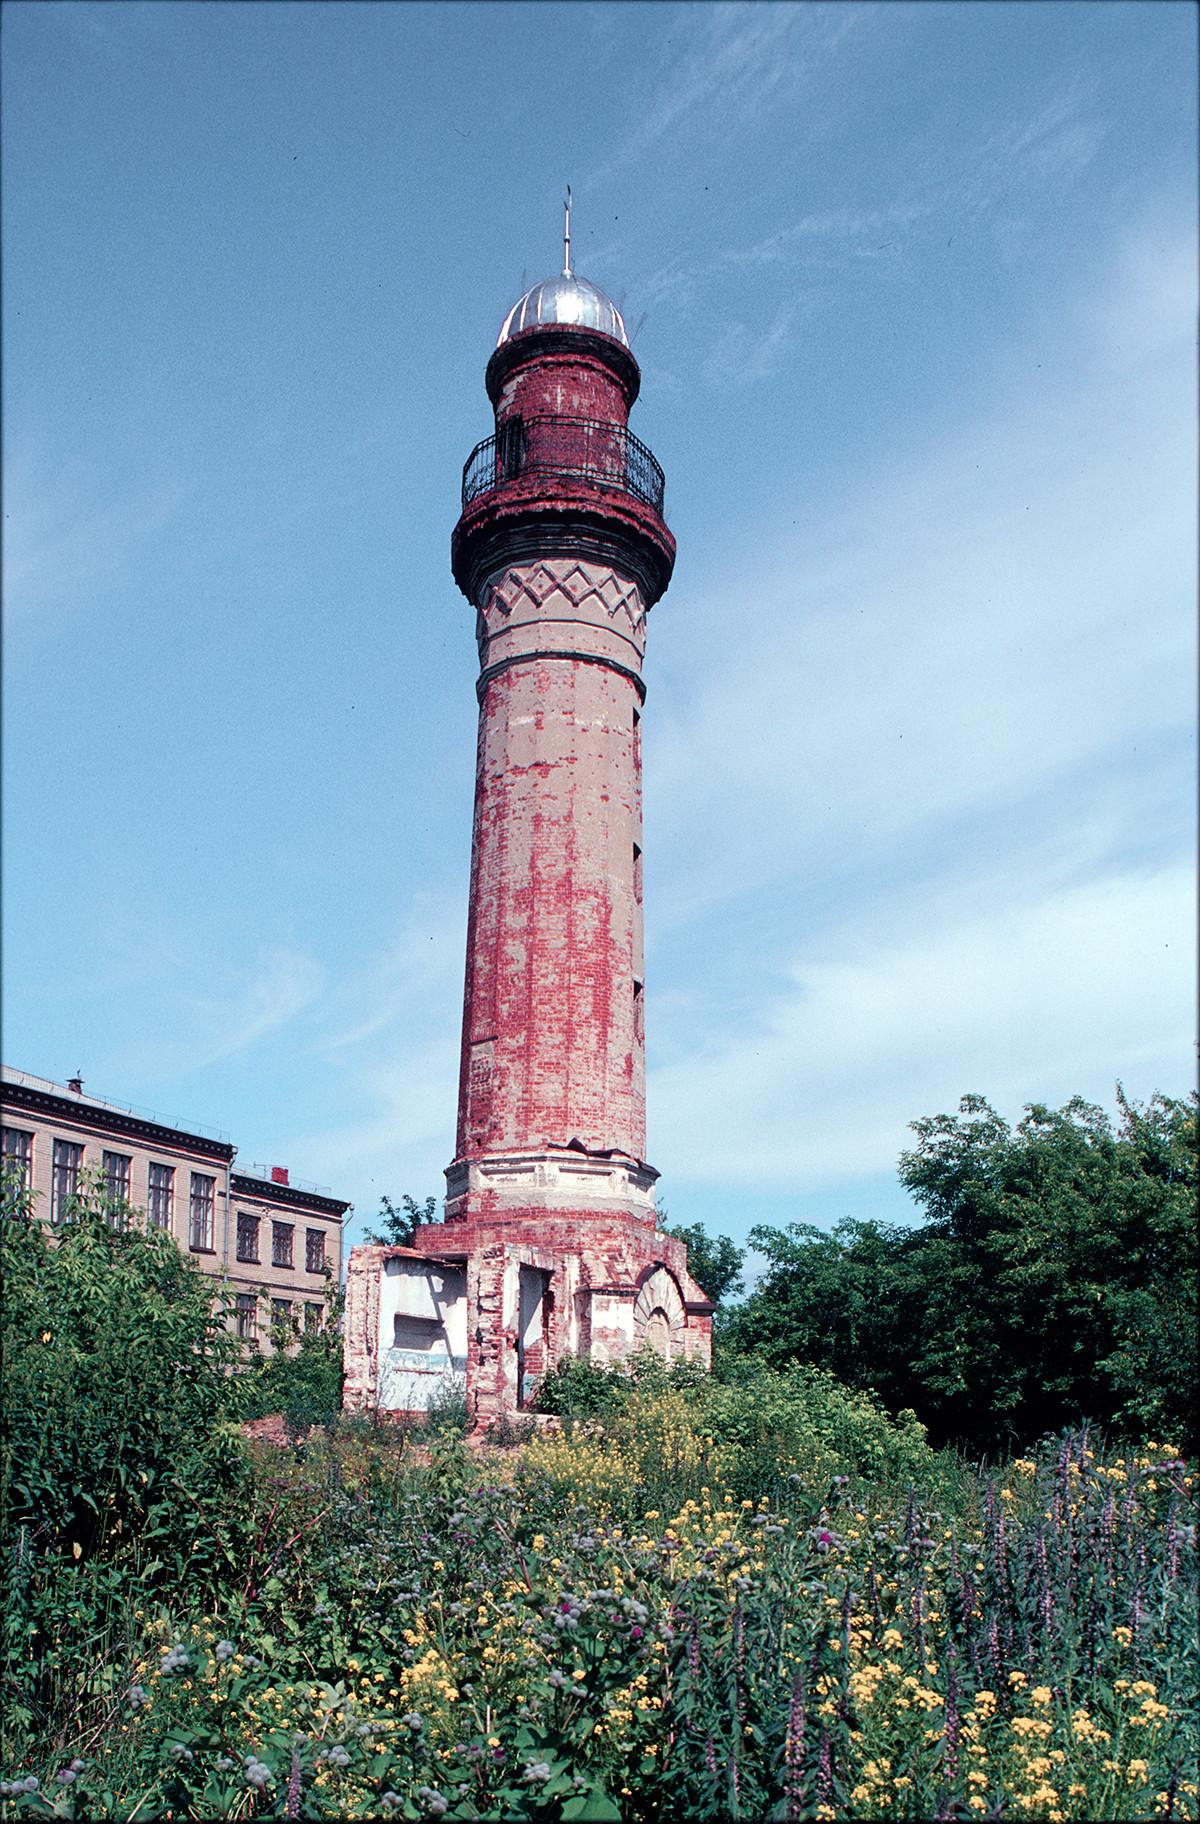 El minarete de una antigua mezquita. 15 de julio de 2003.